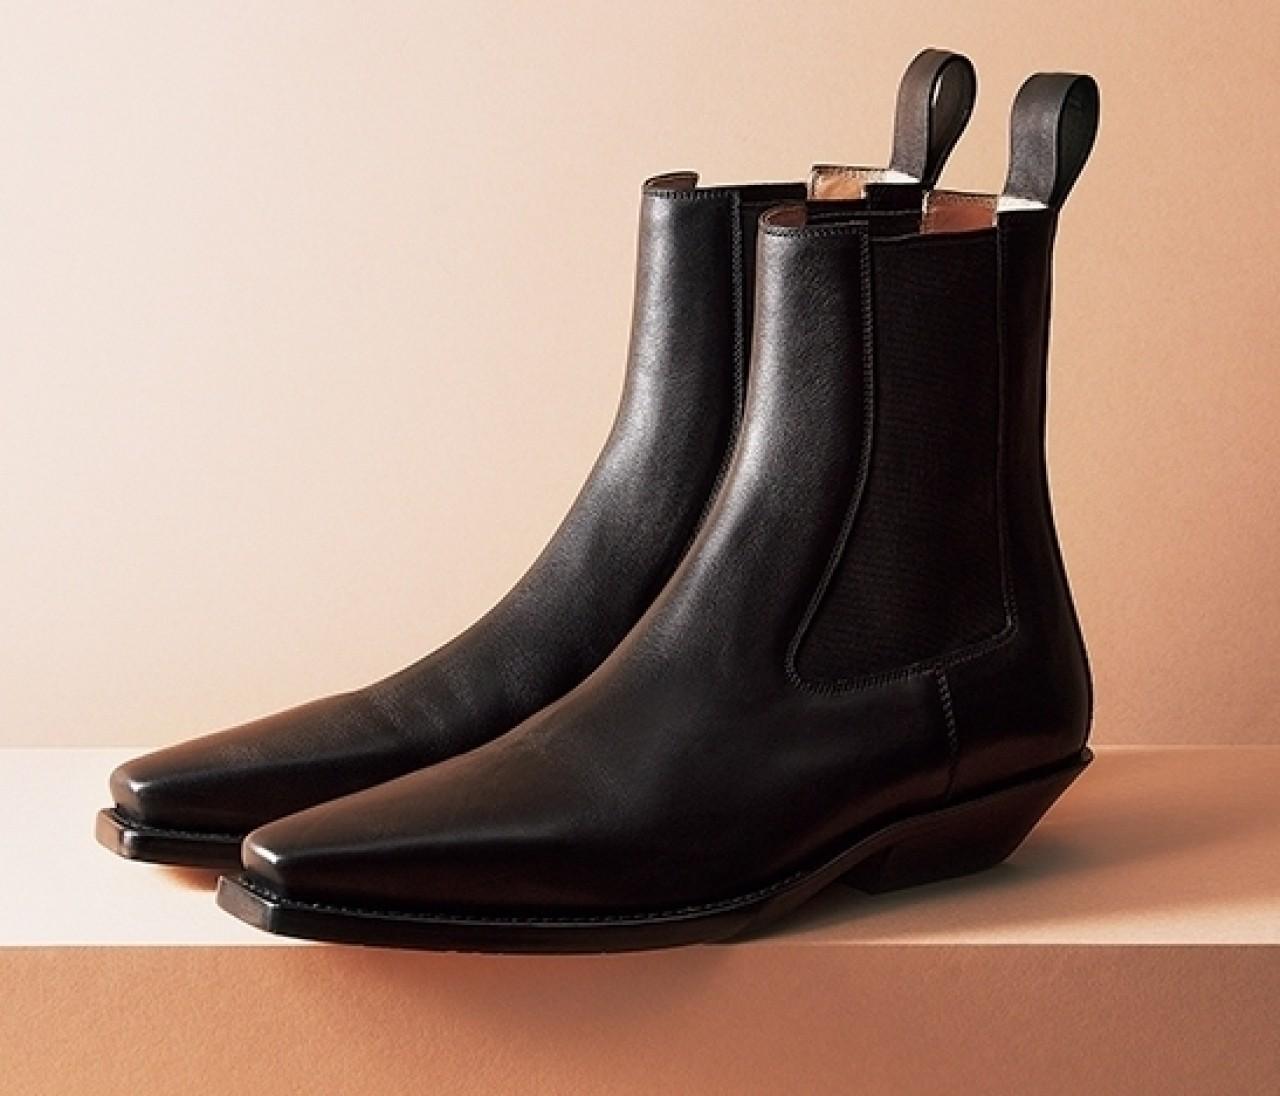 【5年愛せるショートブーツ】30代におすすめ!黒で選ぶ信頼ブランドのブーツ5選